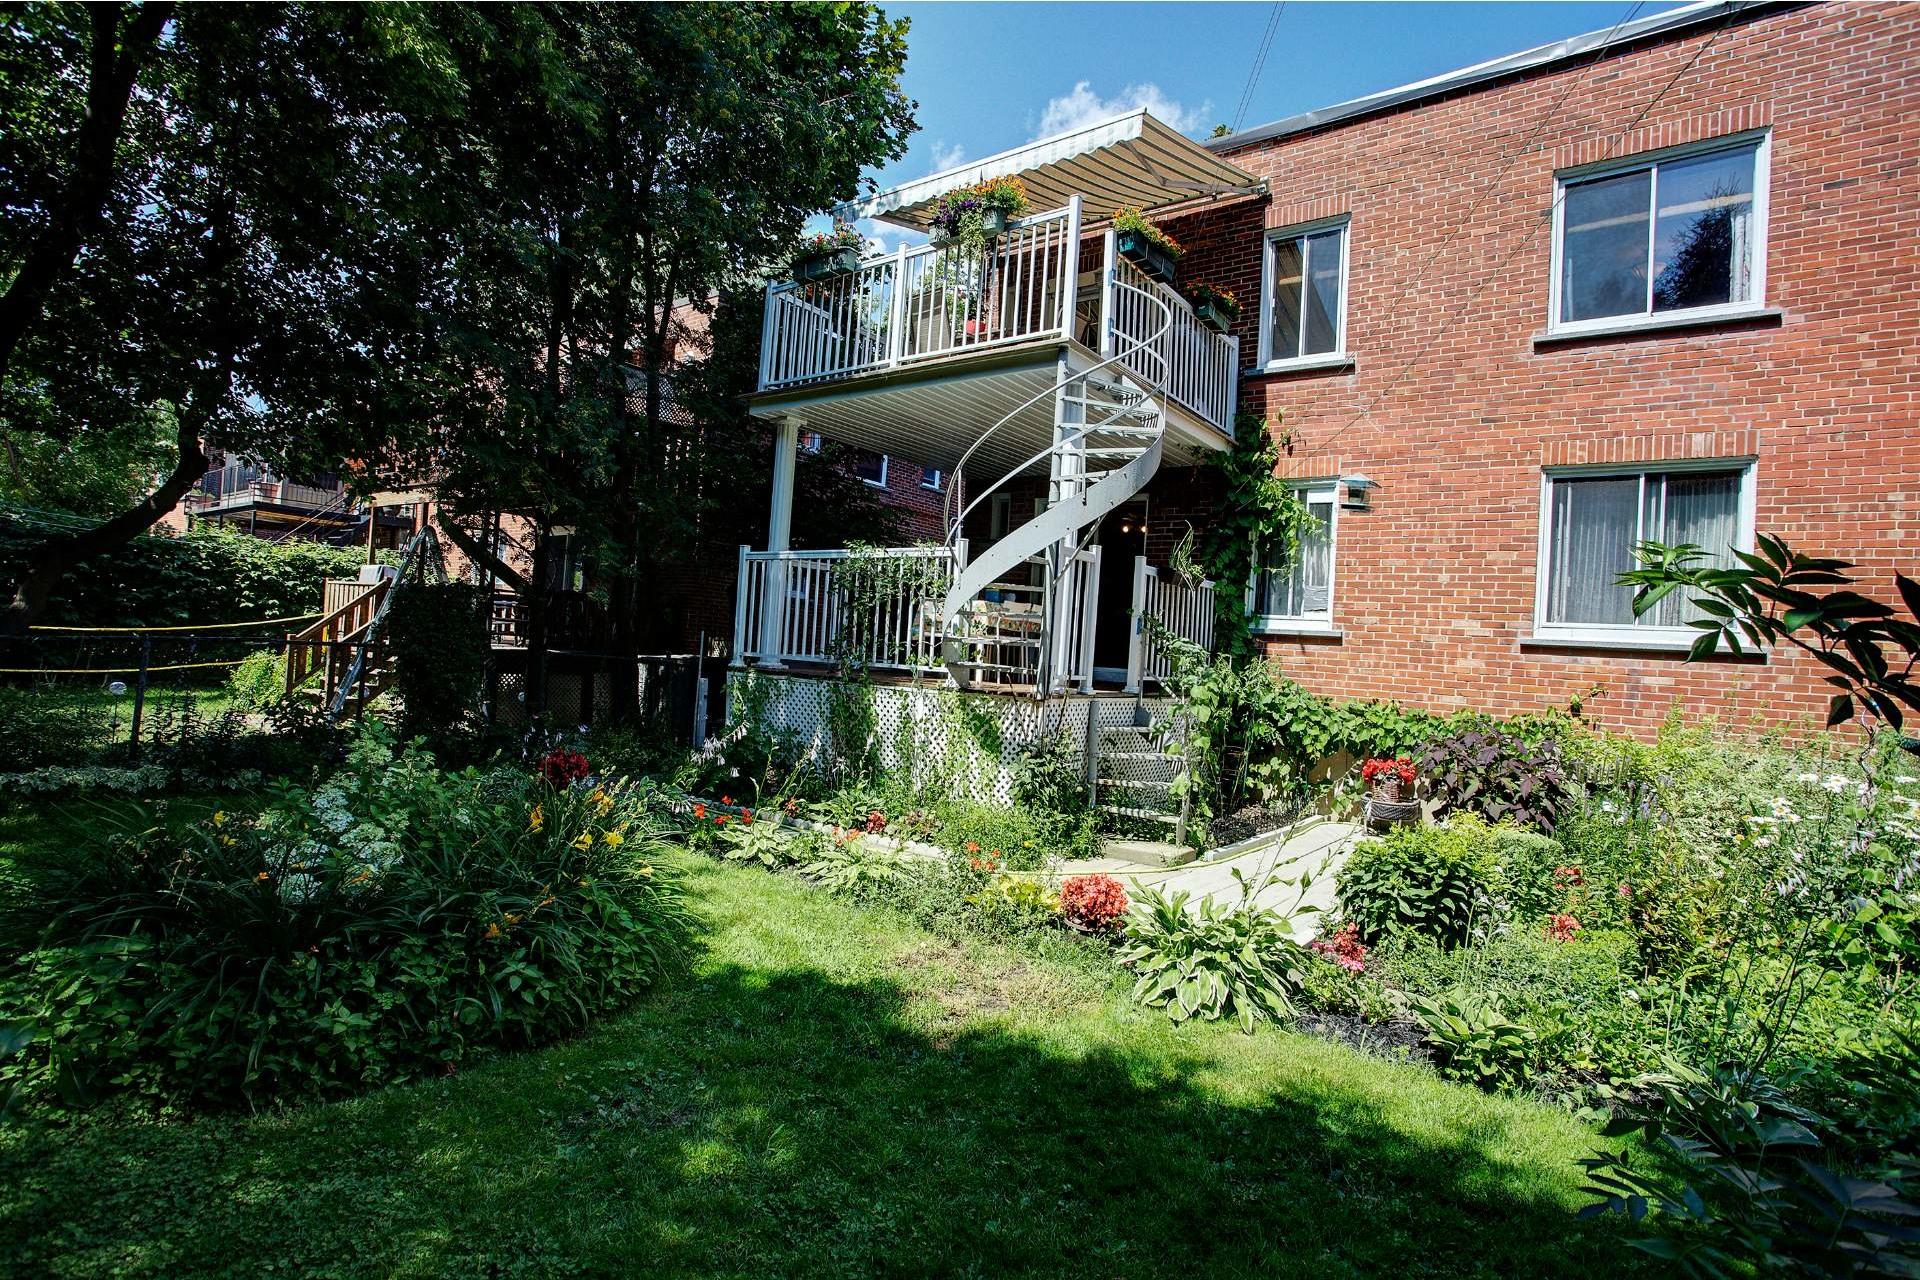 image 12 - Duplex En venta Montréal Côte-des-Neiges/Notre-Dame-de-Grâce  - 5 habitaciones